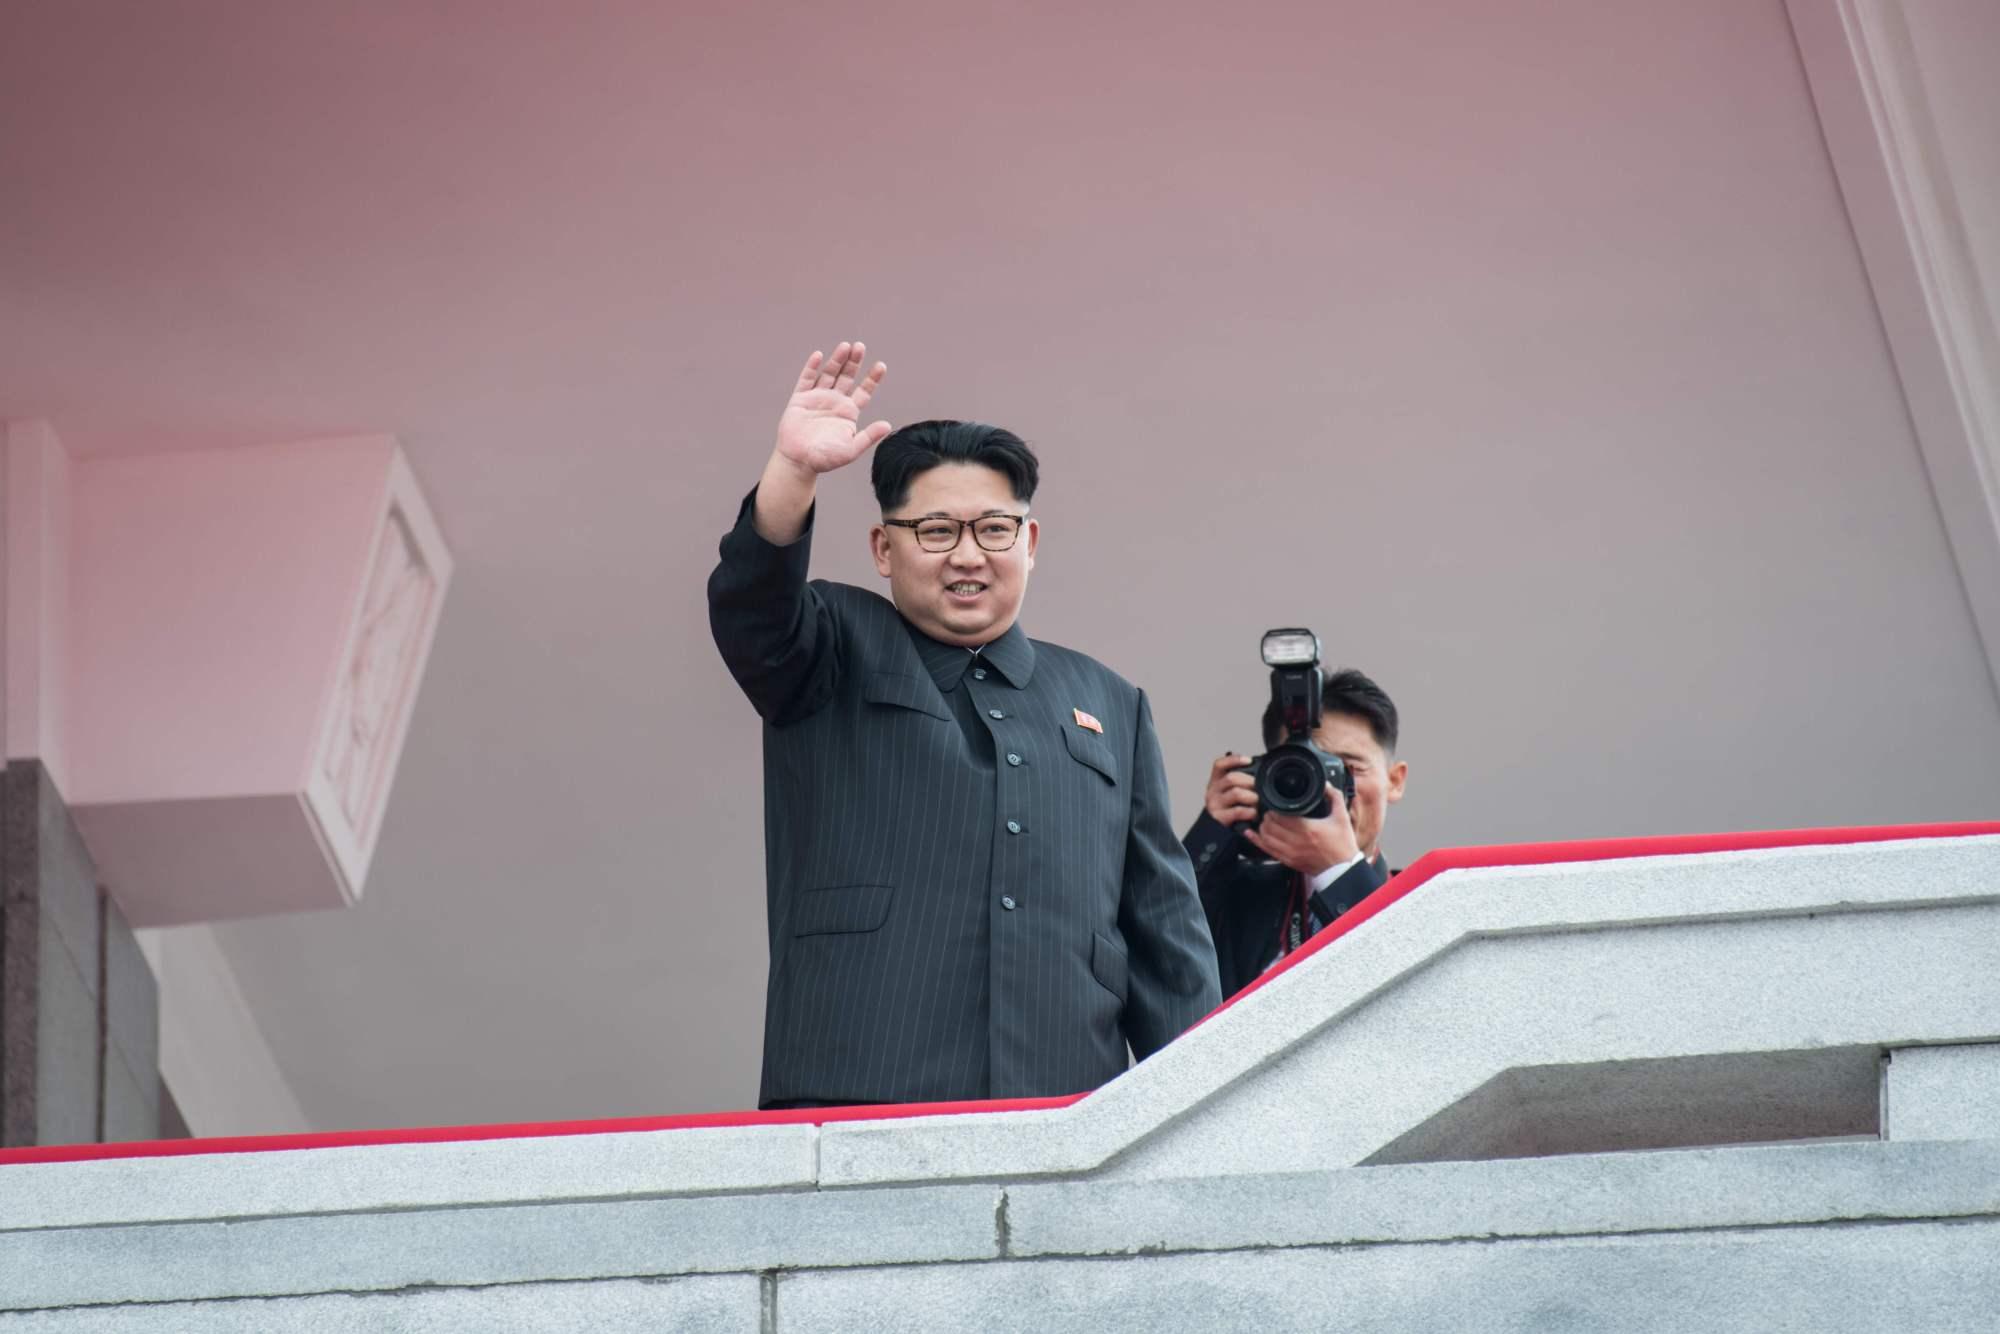 Pyongyang defiles U.N. order, fire missile over Japan's Ocean